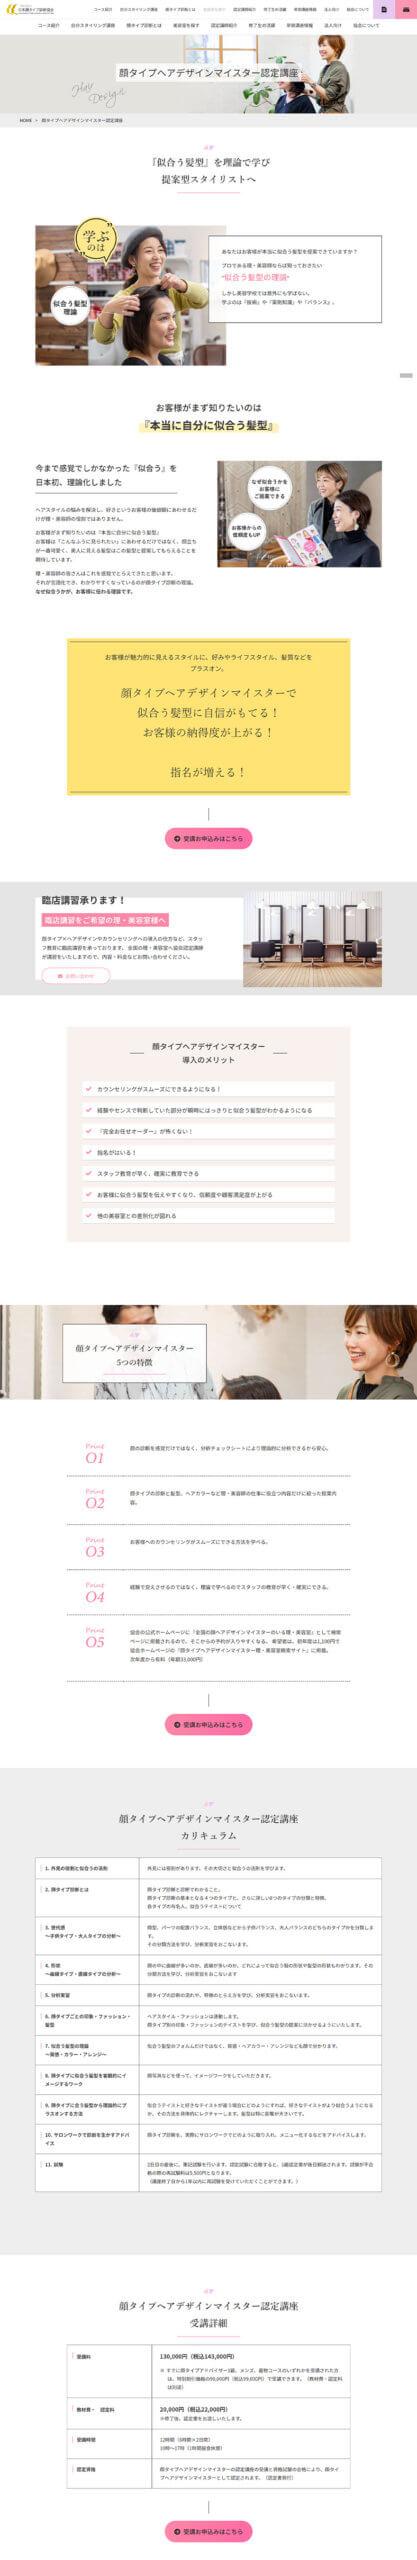 日本顔タイプ診断協会様下層ページ